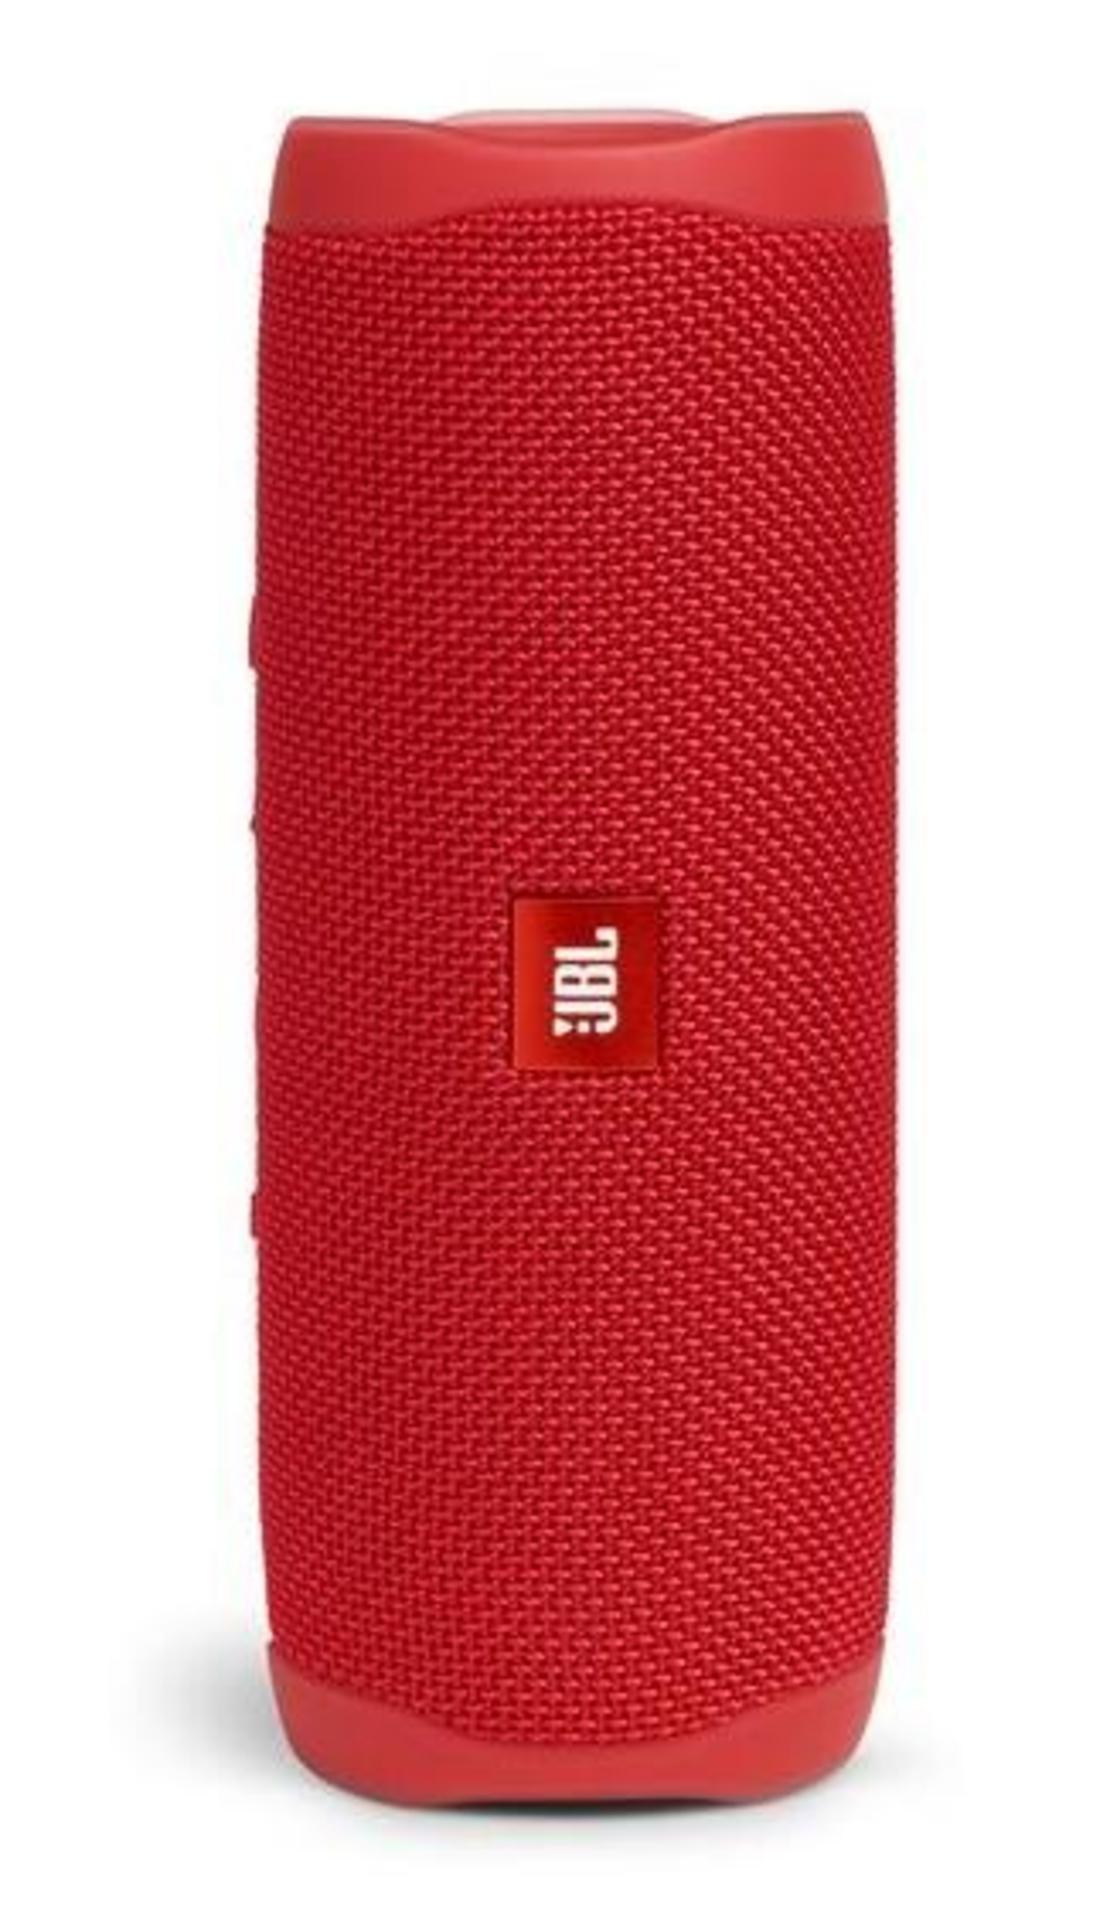 רמקול אלחוטי JBL FLIP 5 אדום